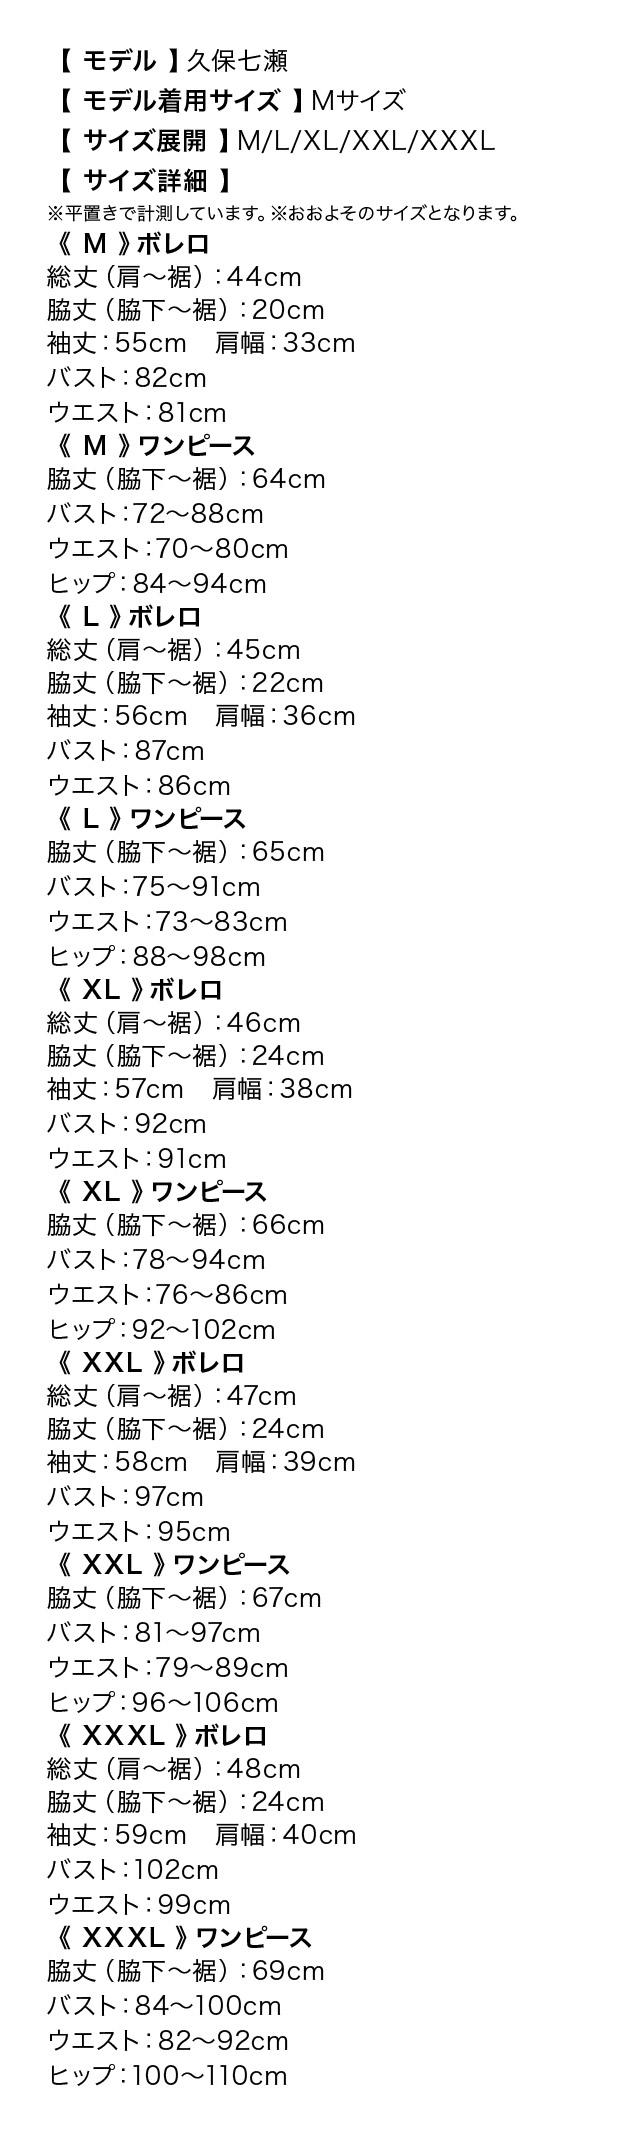 セットアップスーツドレスのサイズ表